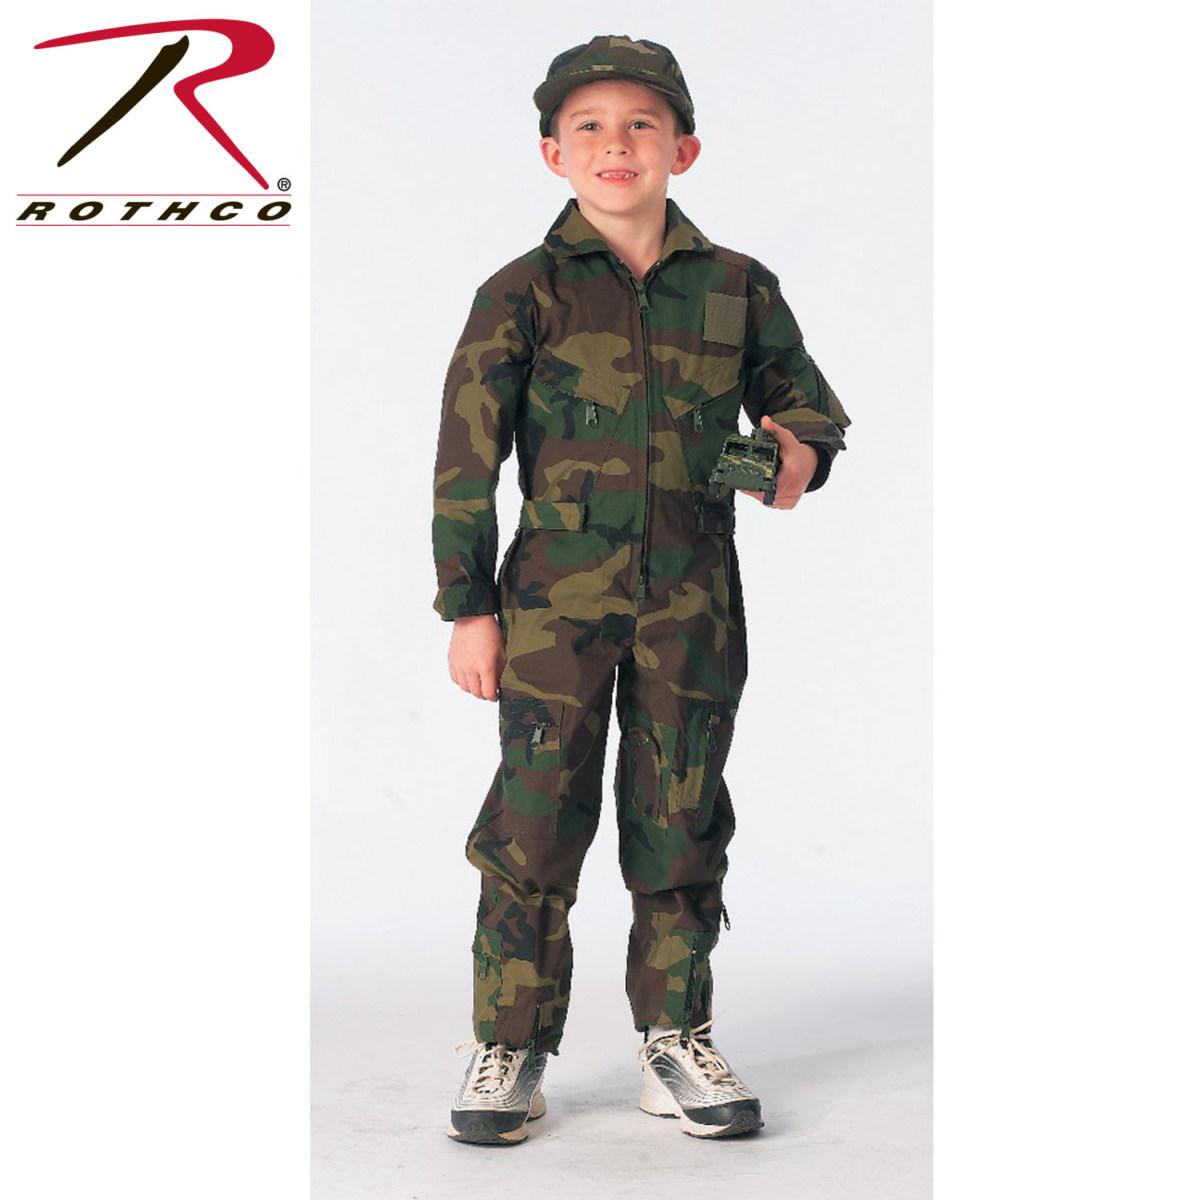 Childrens Flightsuits